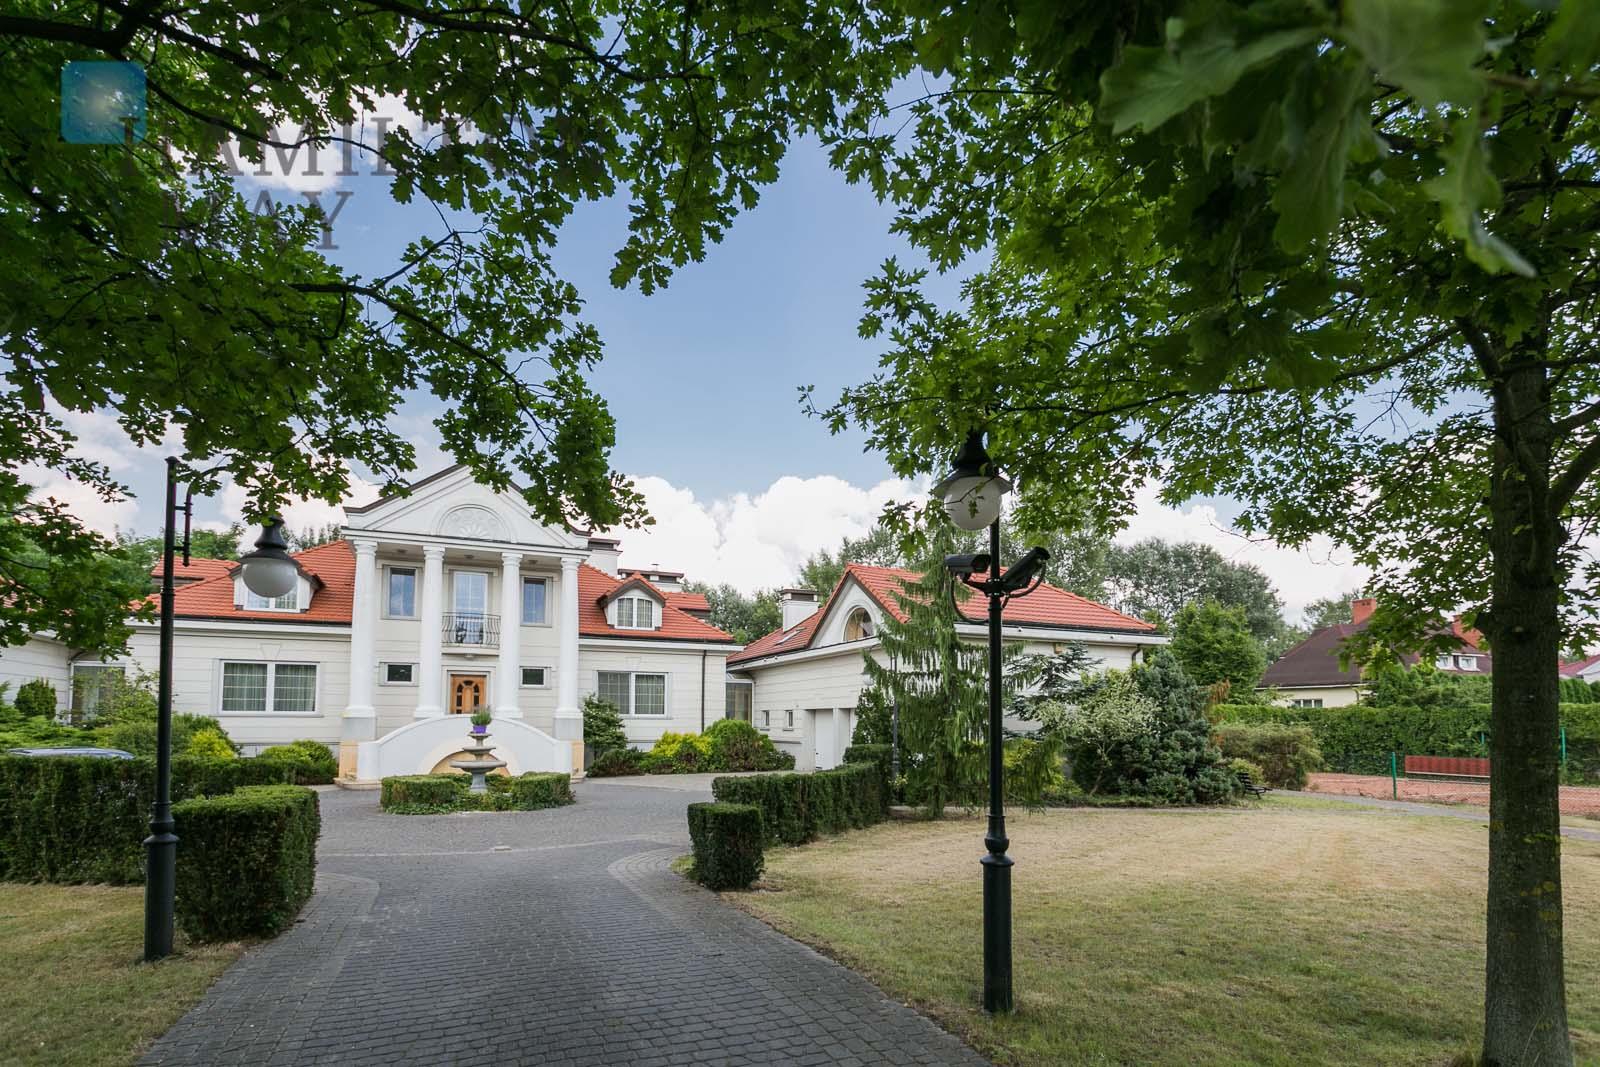 A representative house in Konstancin-Jeziorna Warsaw for sale